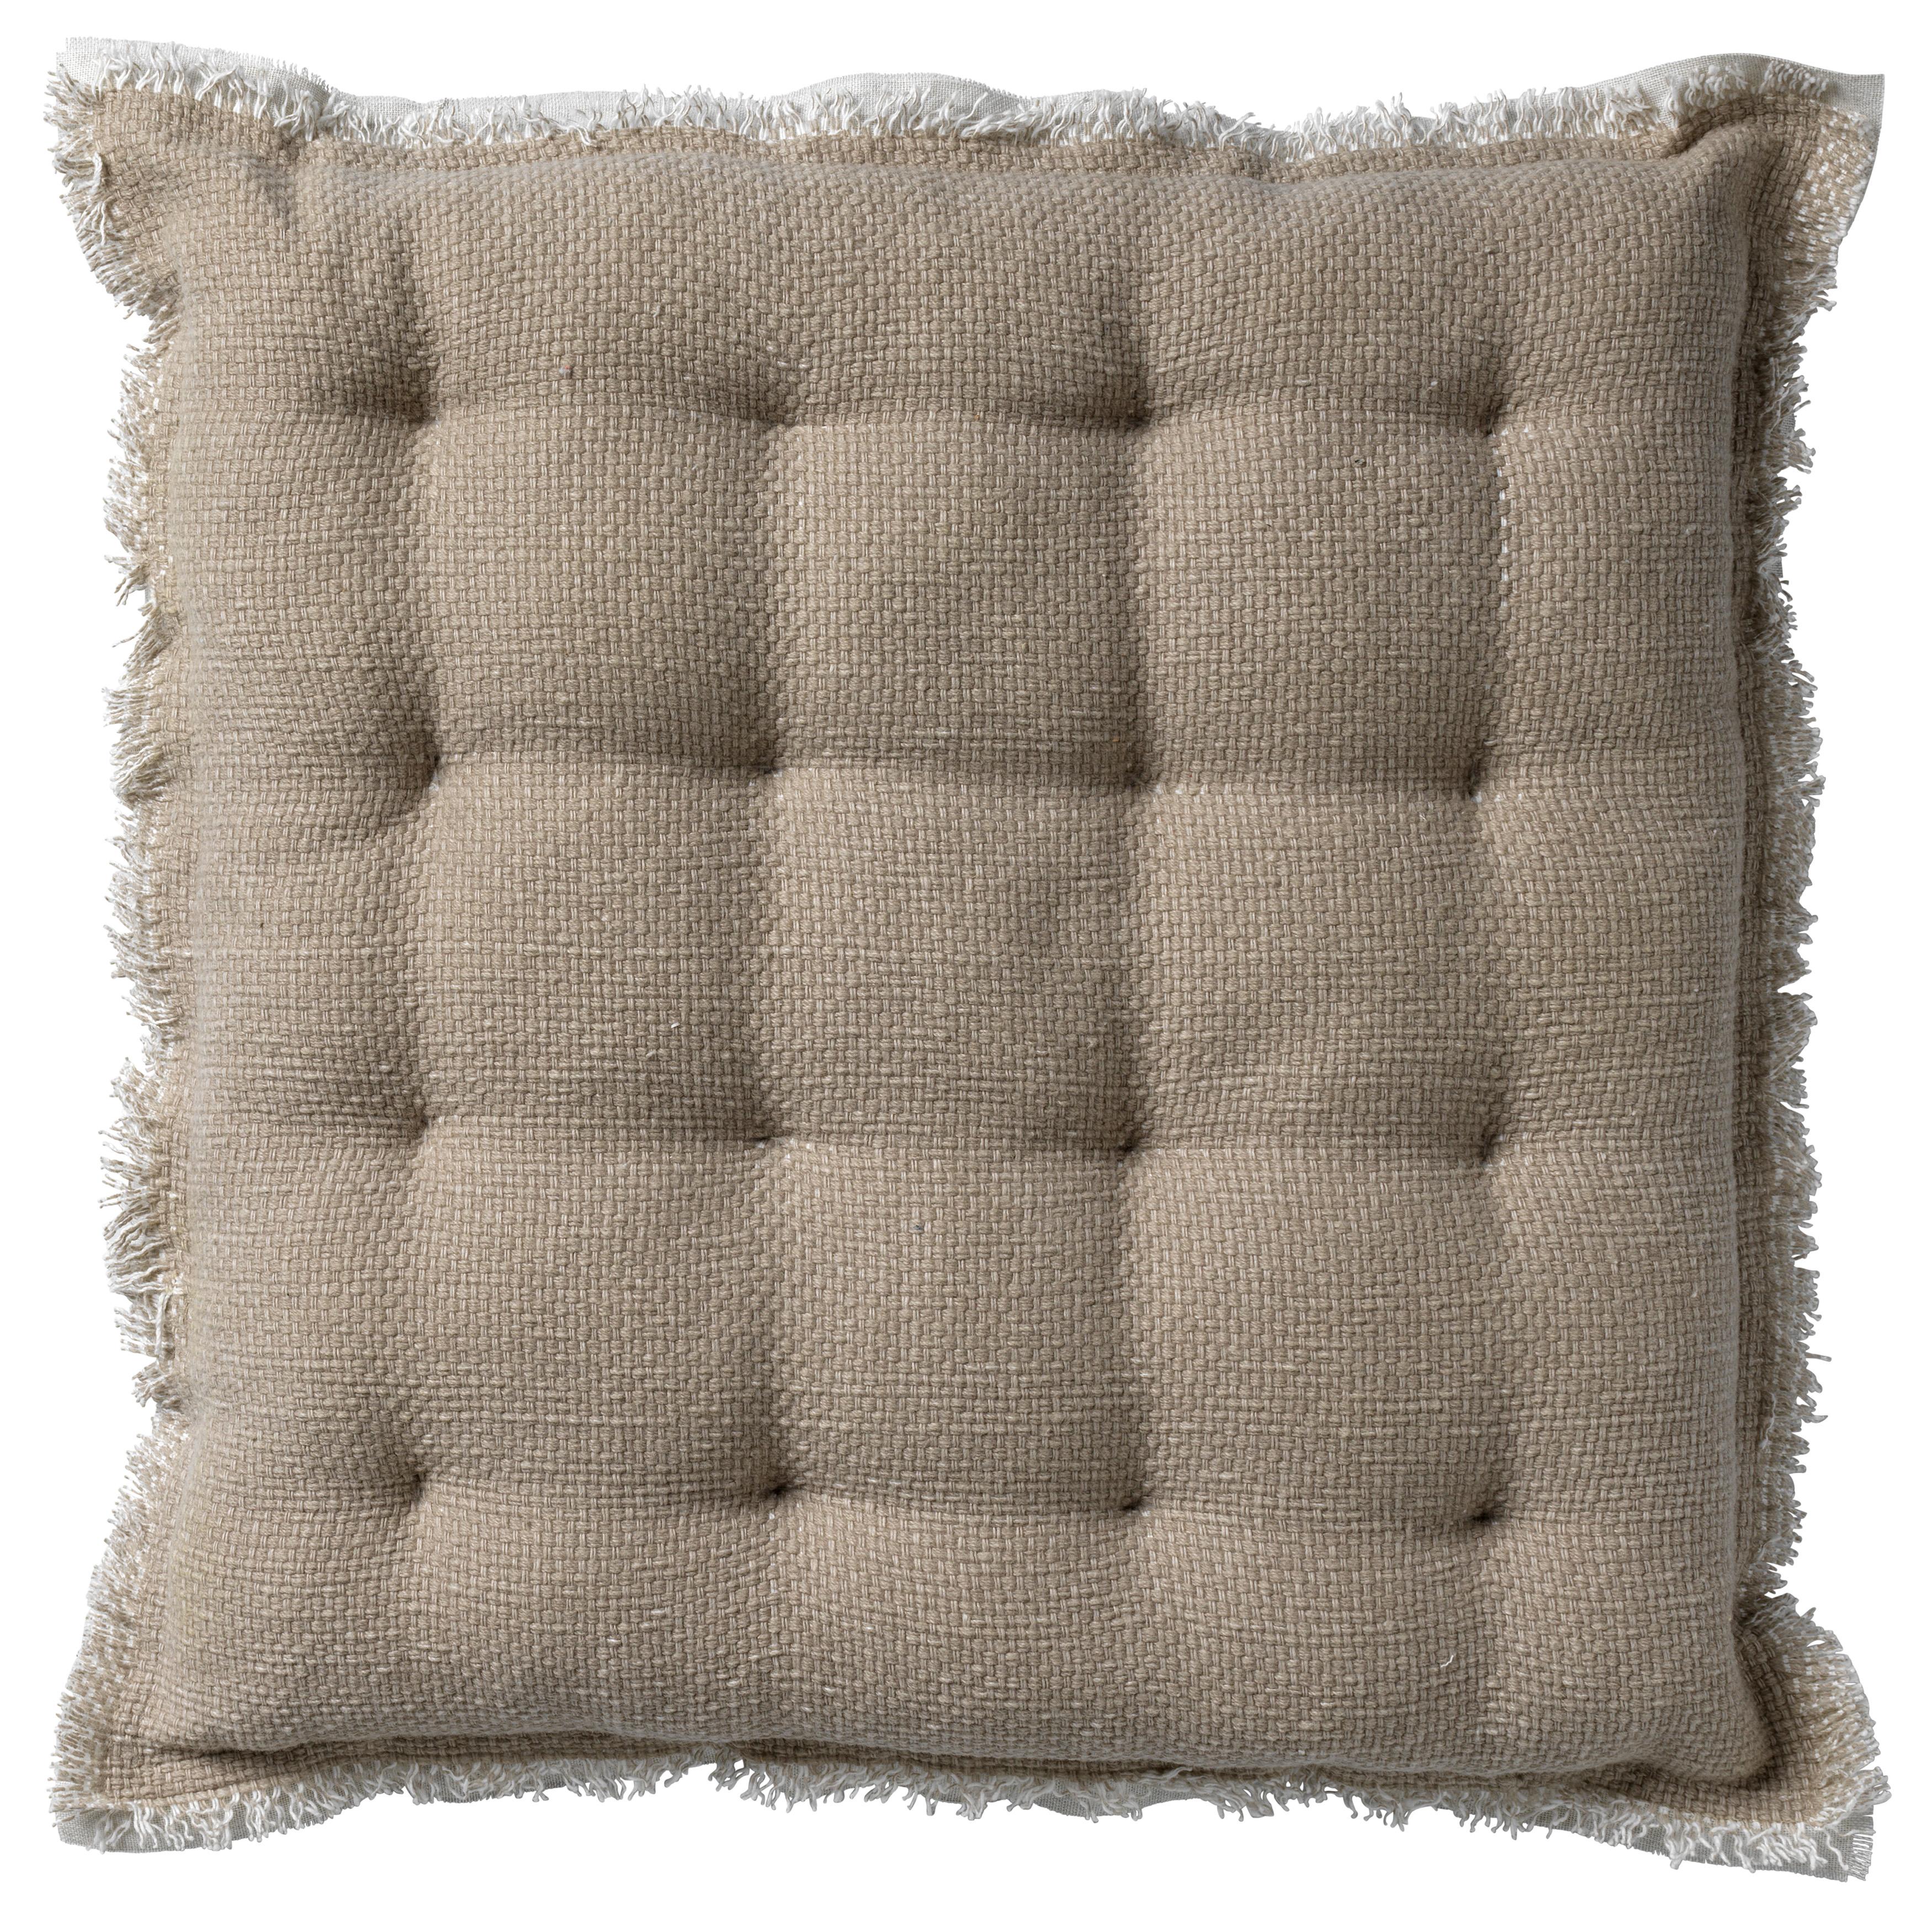 Coussin de sol en coton Beige 40x40 (photo)